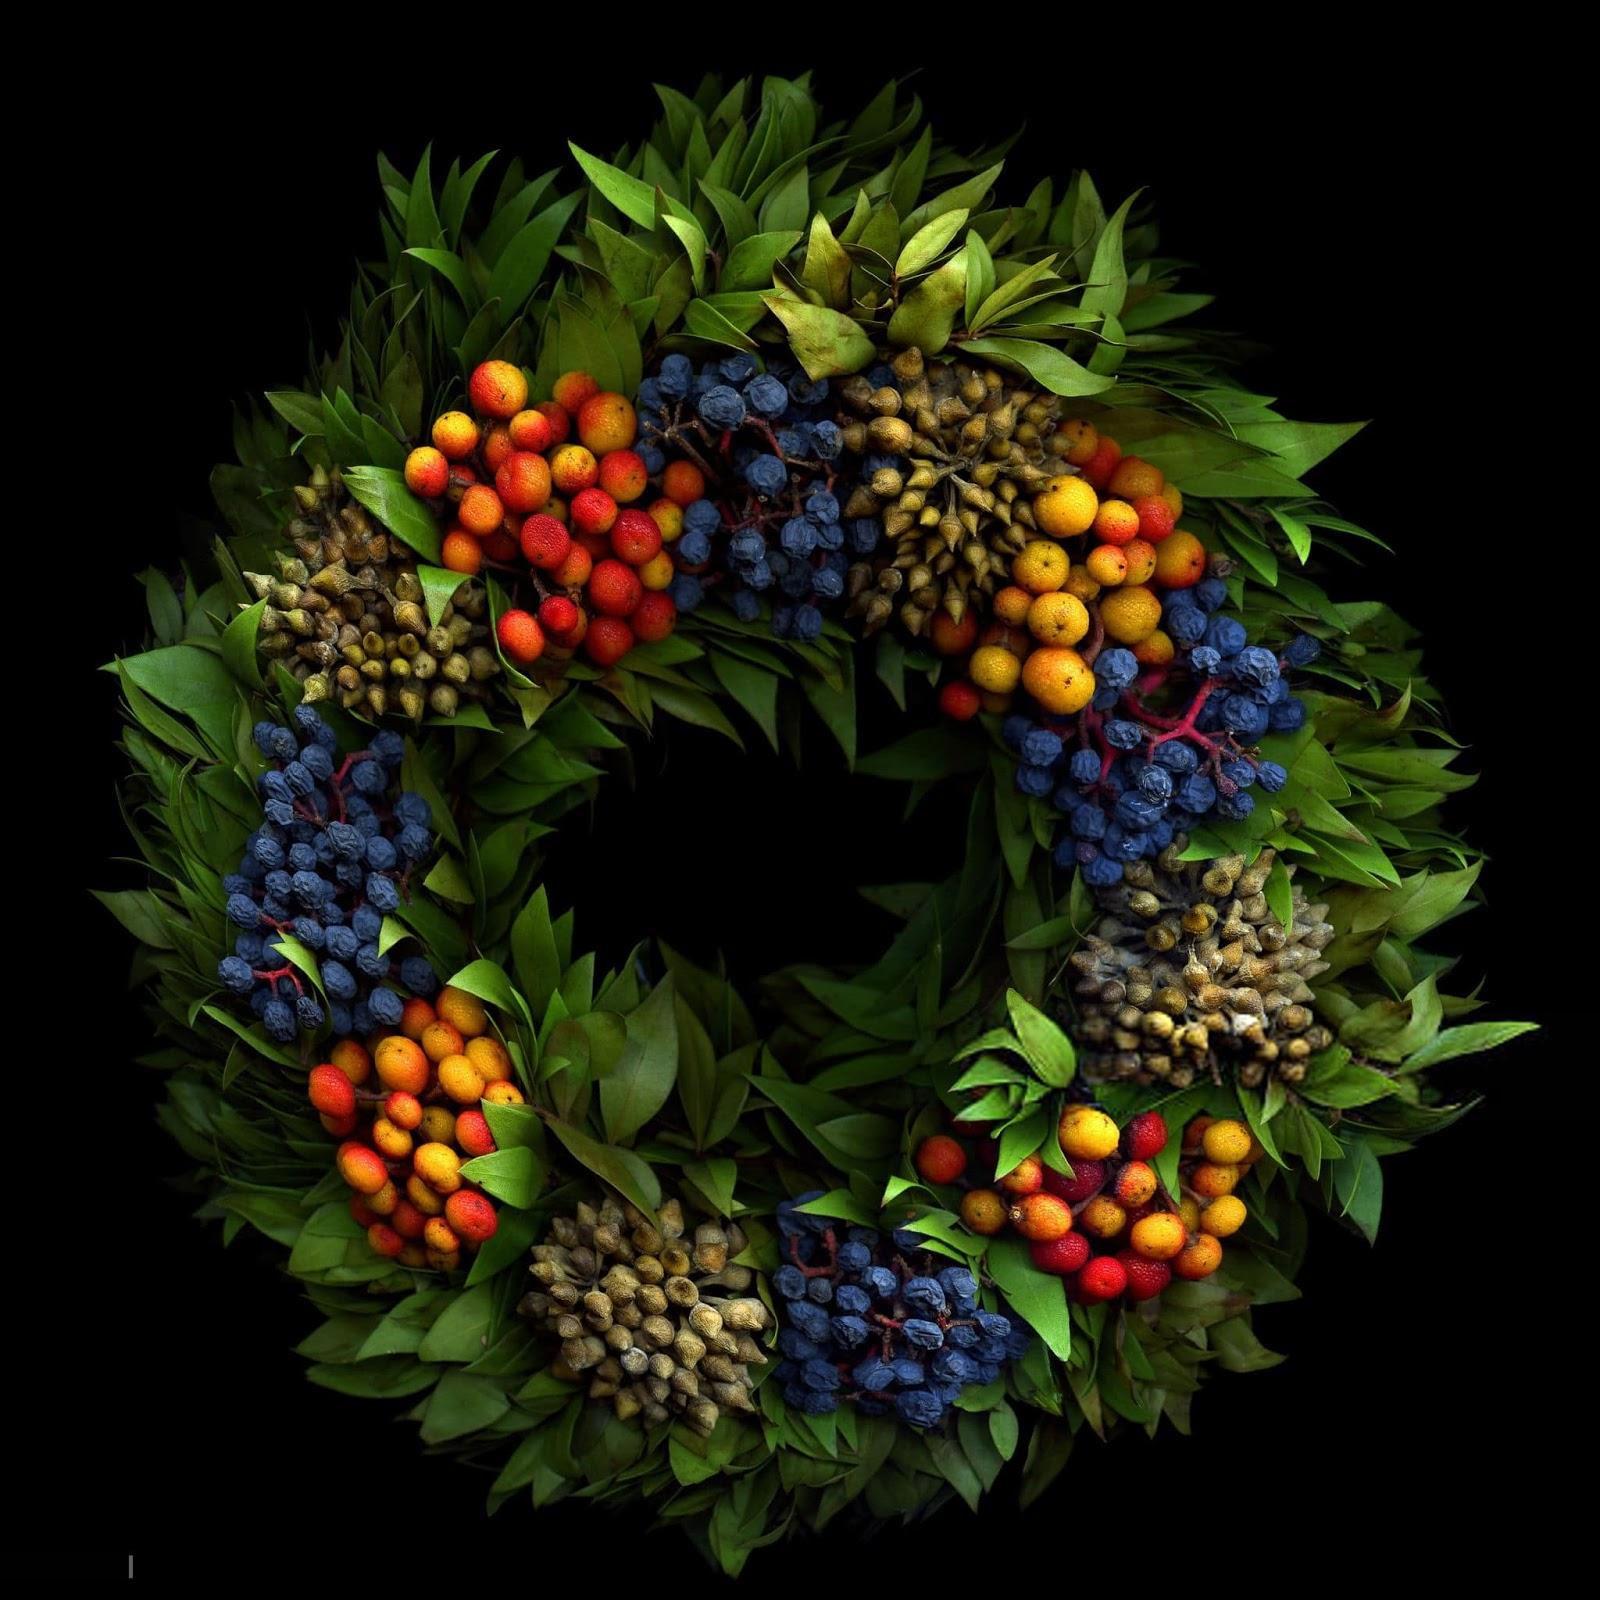 Photos of Christmas Wreaths